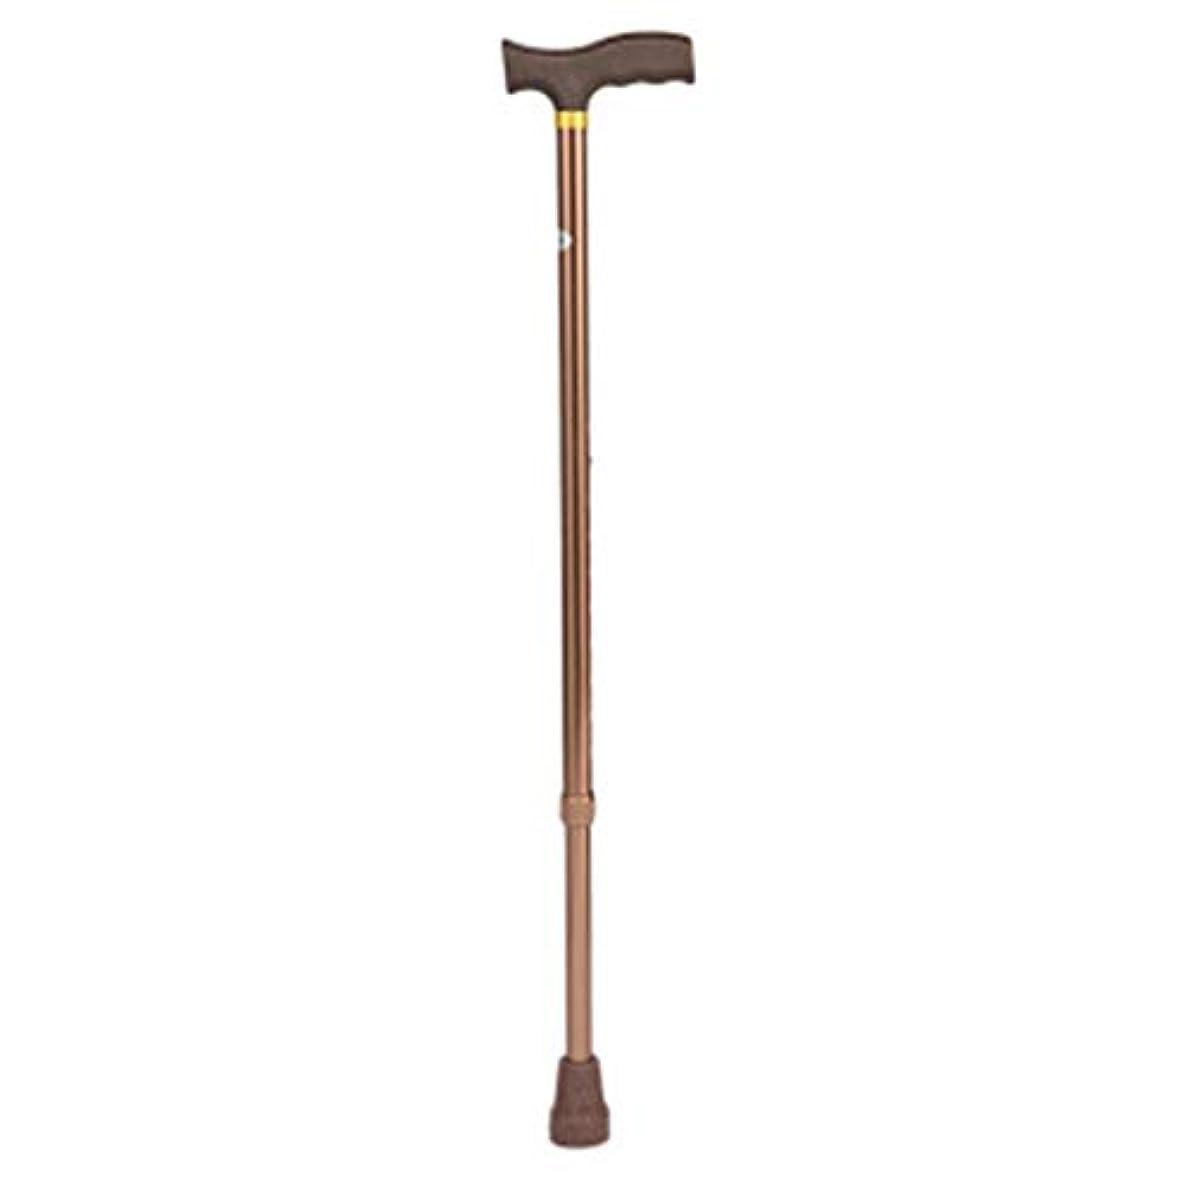 家庭教師区別芽松葉杖、オールドマン、ステッキ、オールドマンズスティック、男性と女性、高齢者、腹部、片足、アルミ合金、滑り止め、軽量、伸縮